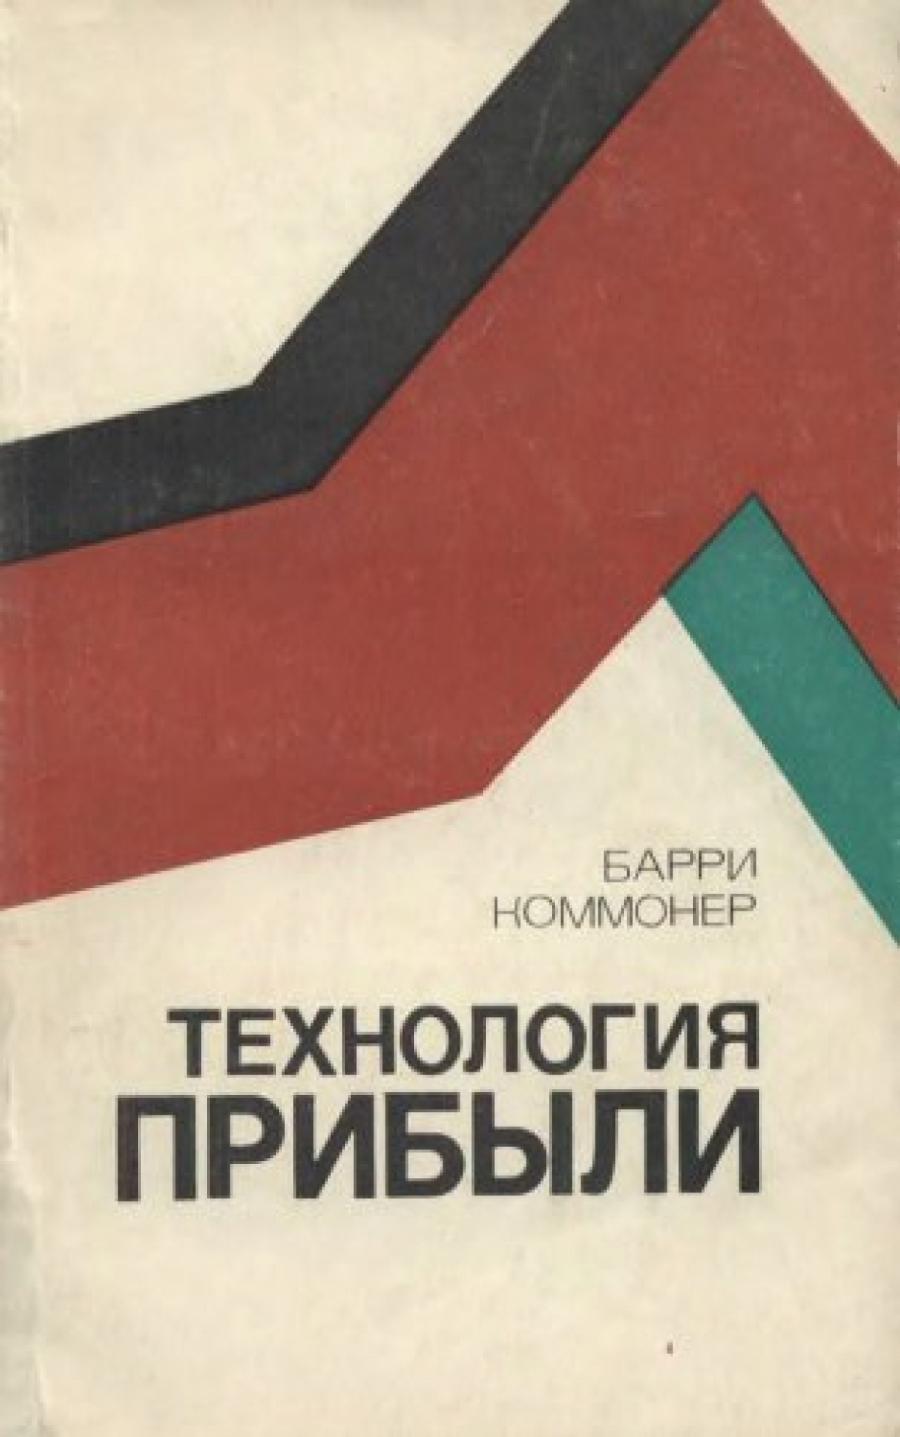 Обложка книги:  коммонер б. - технология прибыли